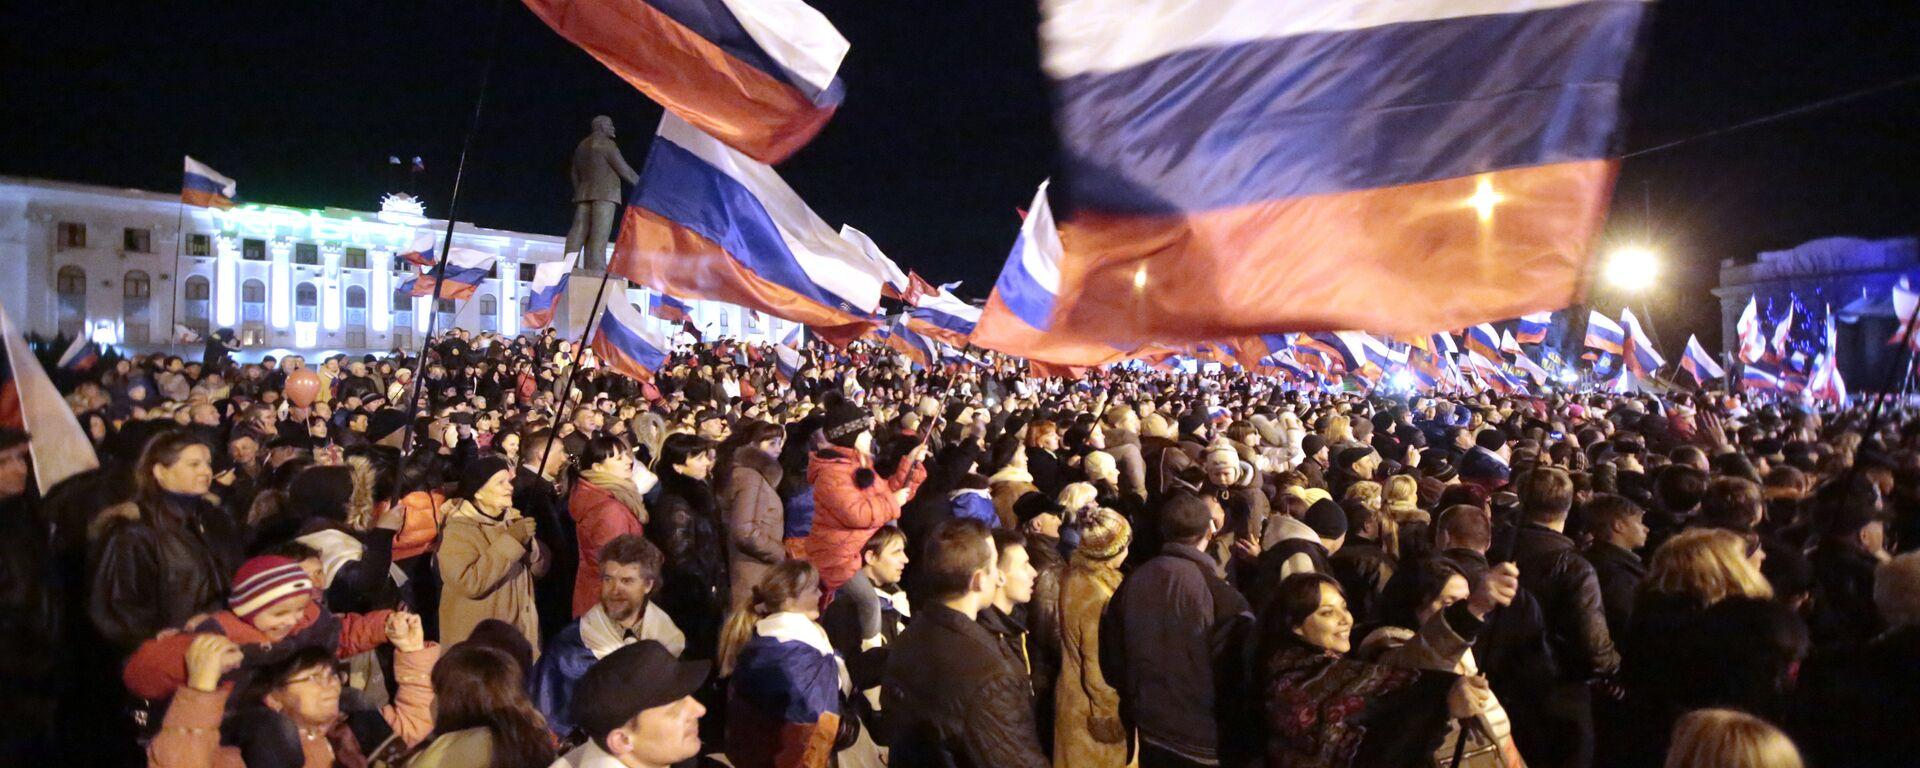 Koncert w centrum Symferopola na cześć referendum w sprawie statutu Krymu - Sputnik Polska, 1920, 17.03.2021